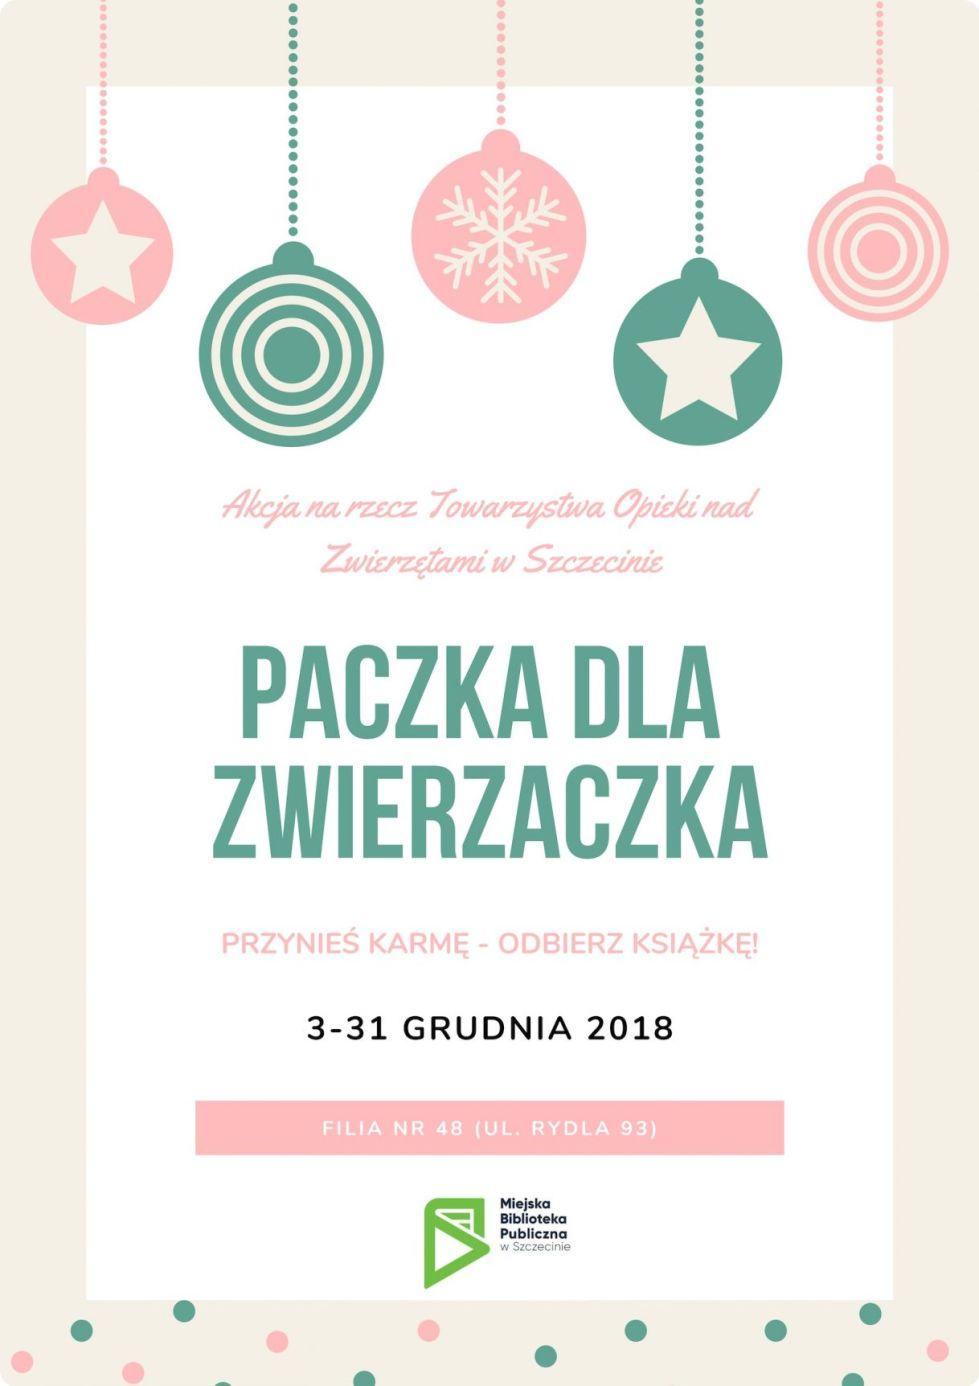 Paczka dla zwierzaczka w Miejskiej Bibliotece Publicznej w Szczecinie. Wydarzenia dla rodzin i dzieci.